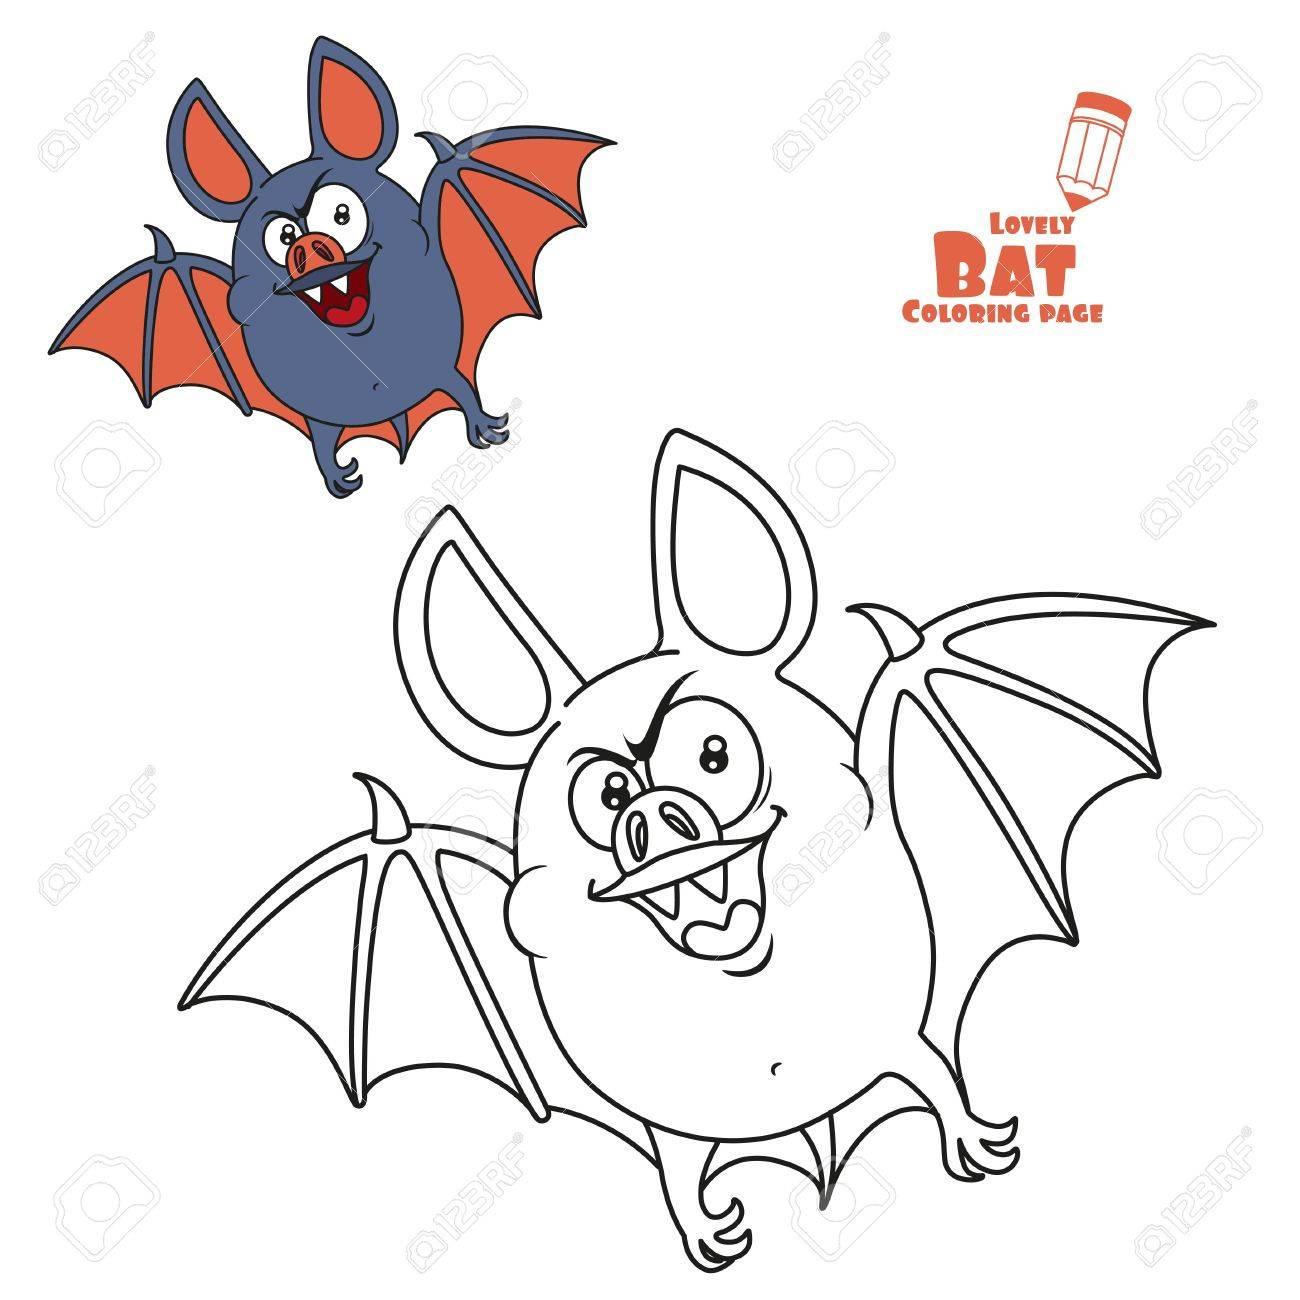 Nette Fette Halloween Fledermaus Fliegen Farbe Und Umrissen Fur Malvorlagen Lizenzfrei Nutzbare Vektorgrafiken Clip Arts Illustrationen Image 84953605